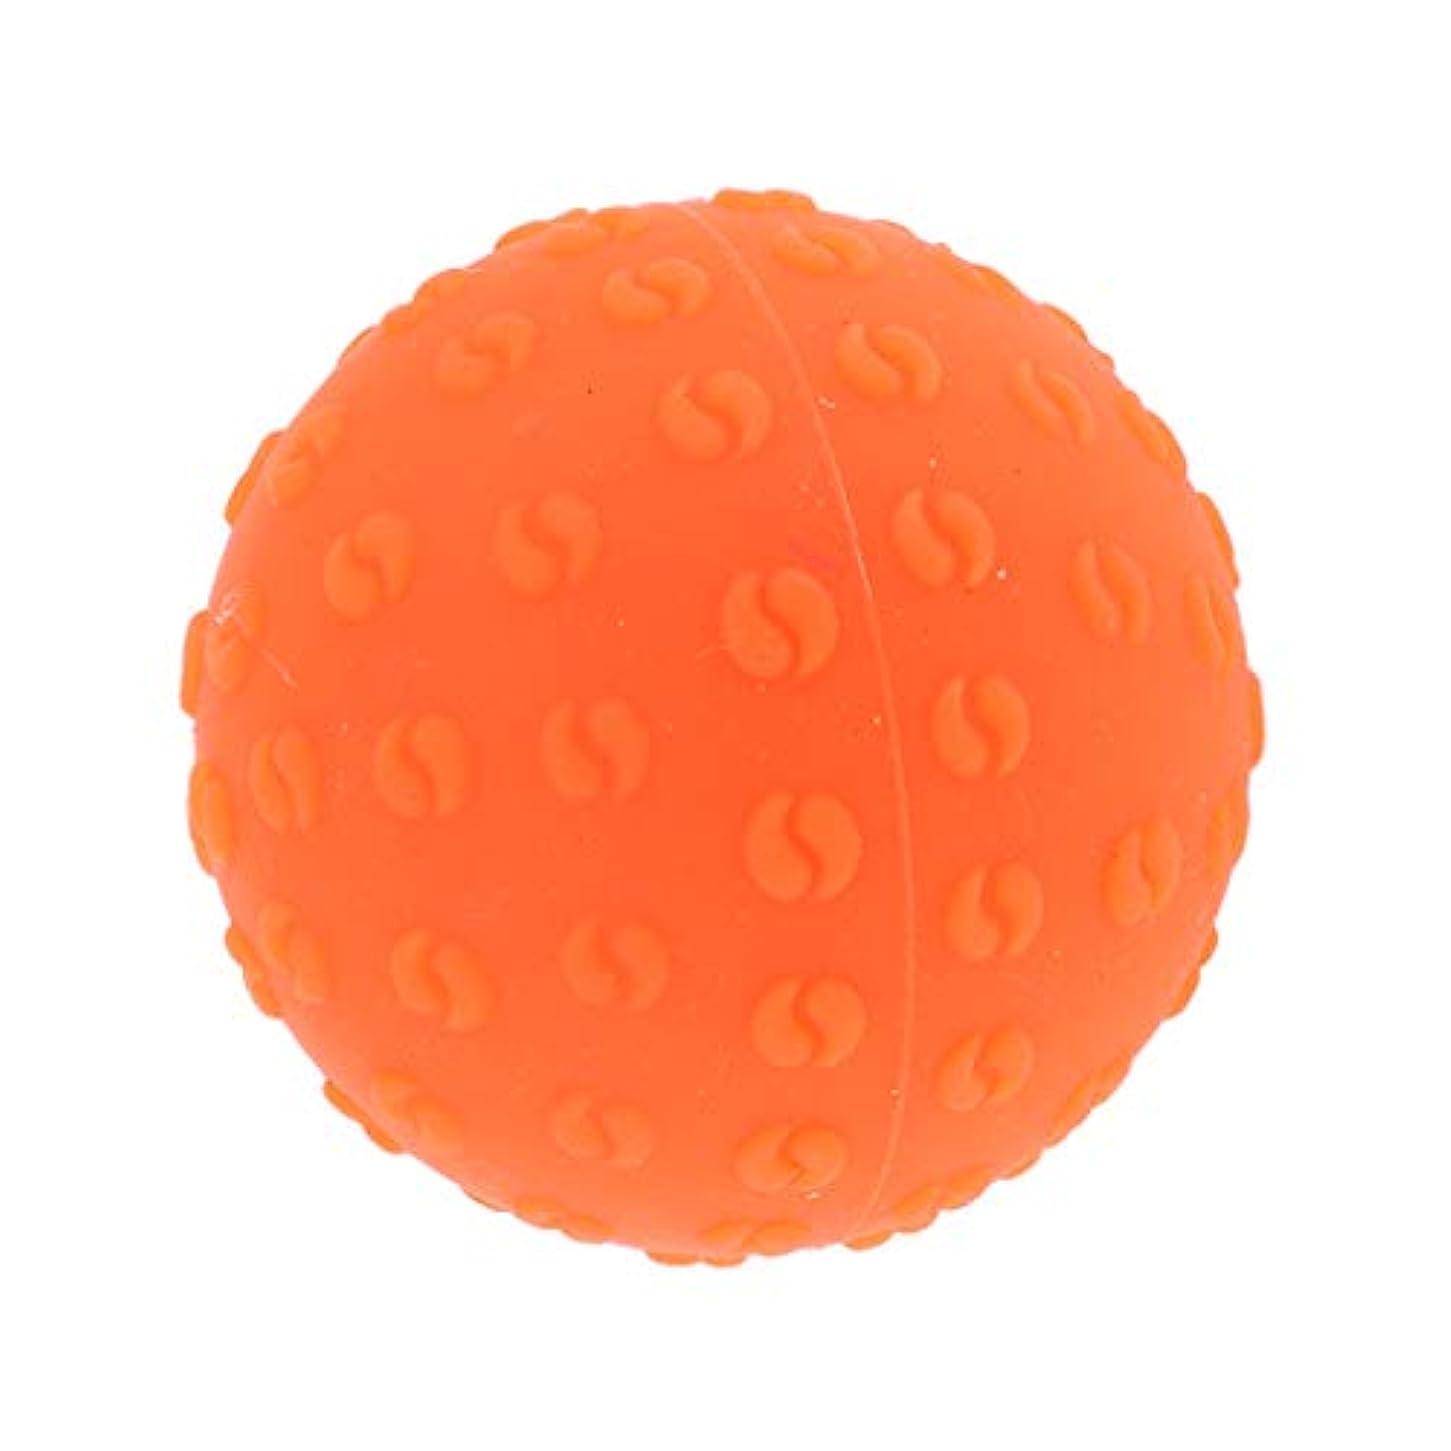 永遠の発動機外向きFenteer マッサージボール 指圧ボール シリコーン トリガーポイント 足底筋膜炎 ヨガ ツボ押しグッズ 全6色 - オレンジ, 説明のとおり